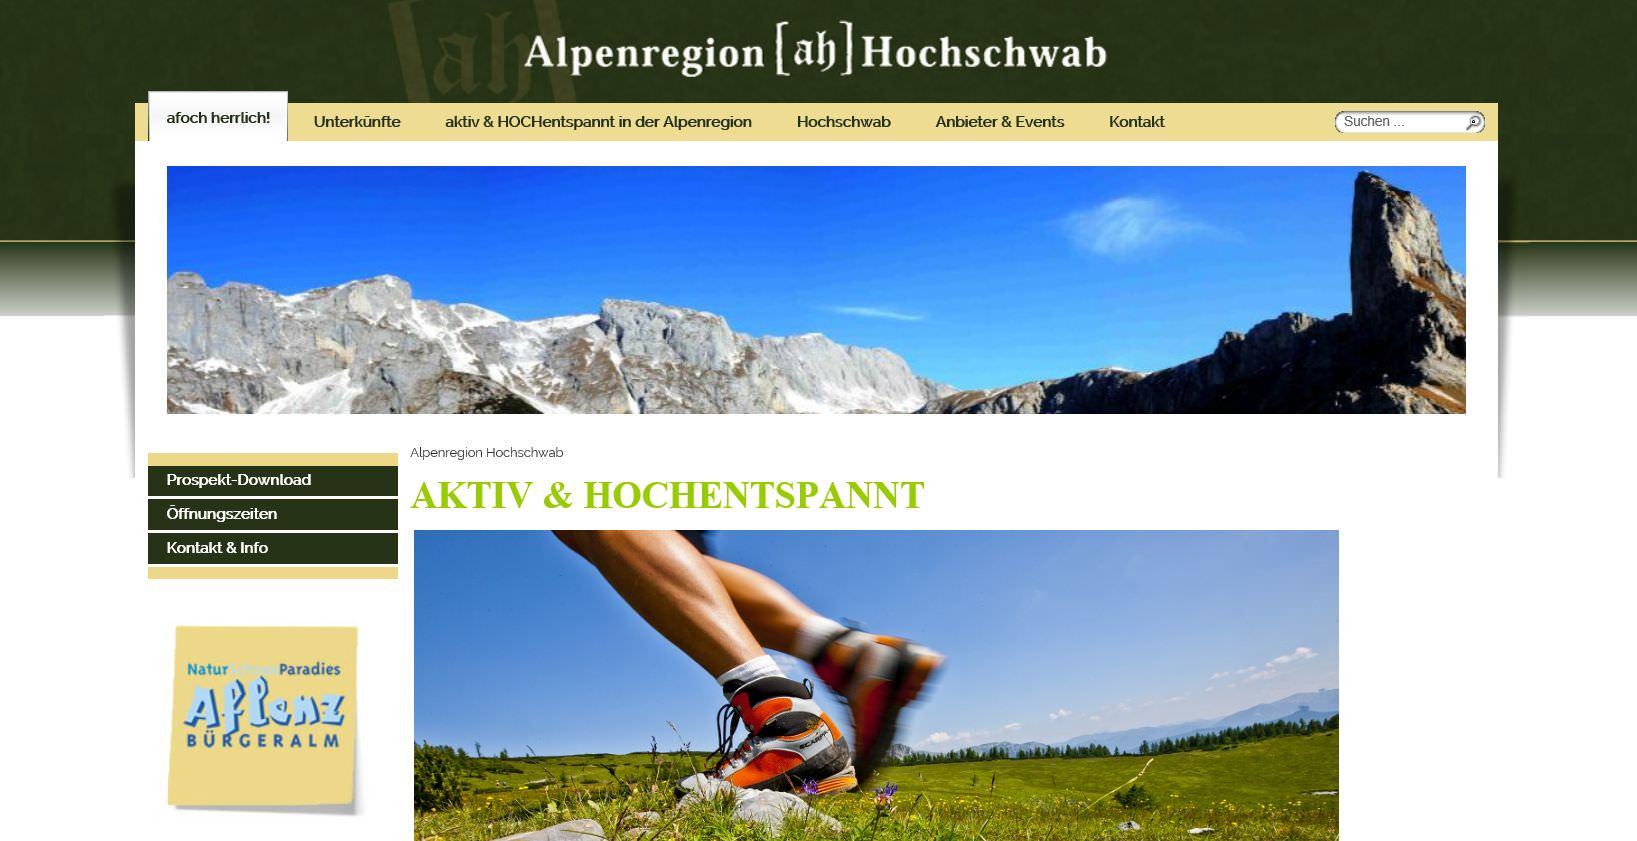 ah! afoch herrlich! Neue Ausrichtung durch neues Wording: Website TV Hochschwab